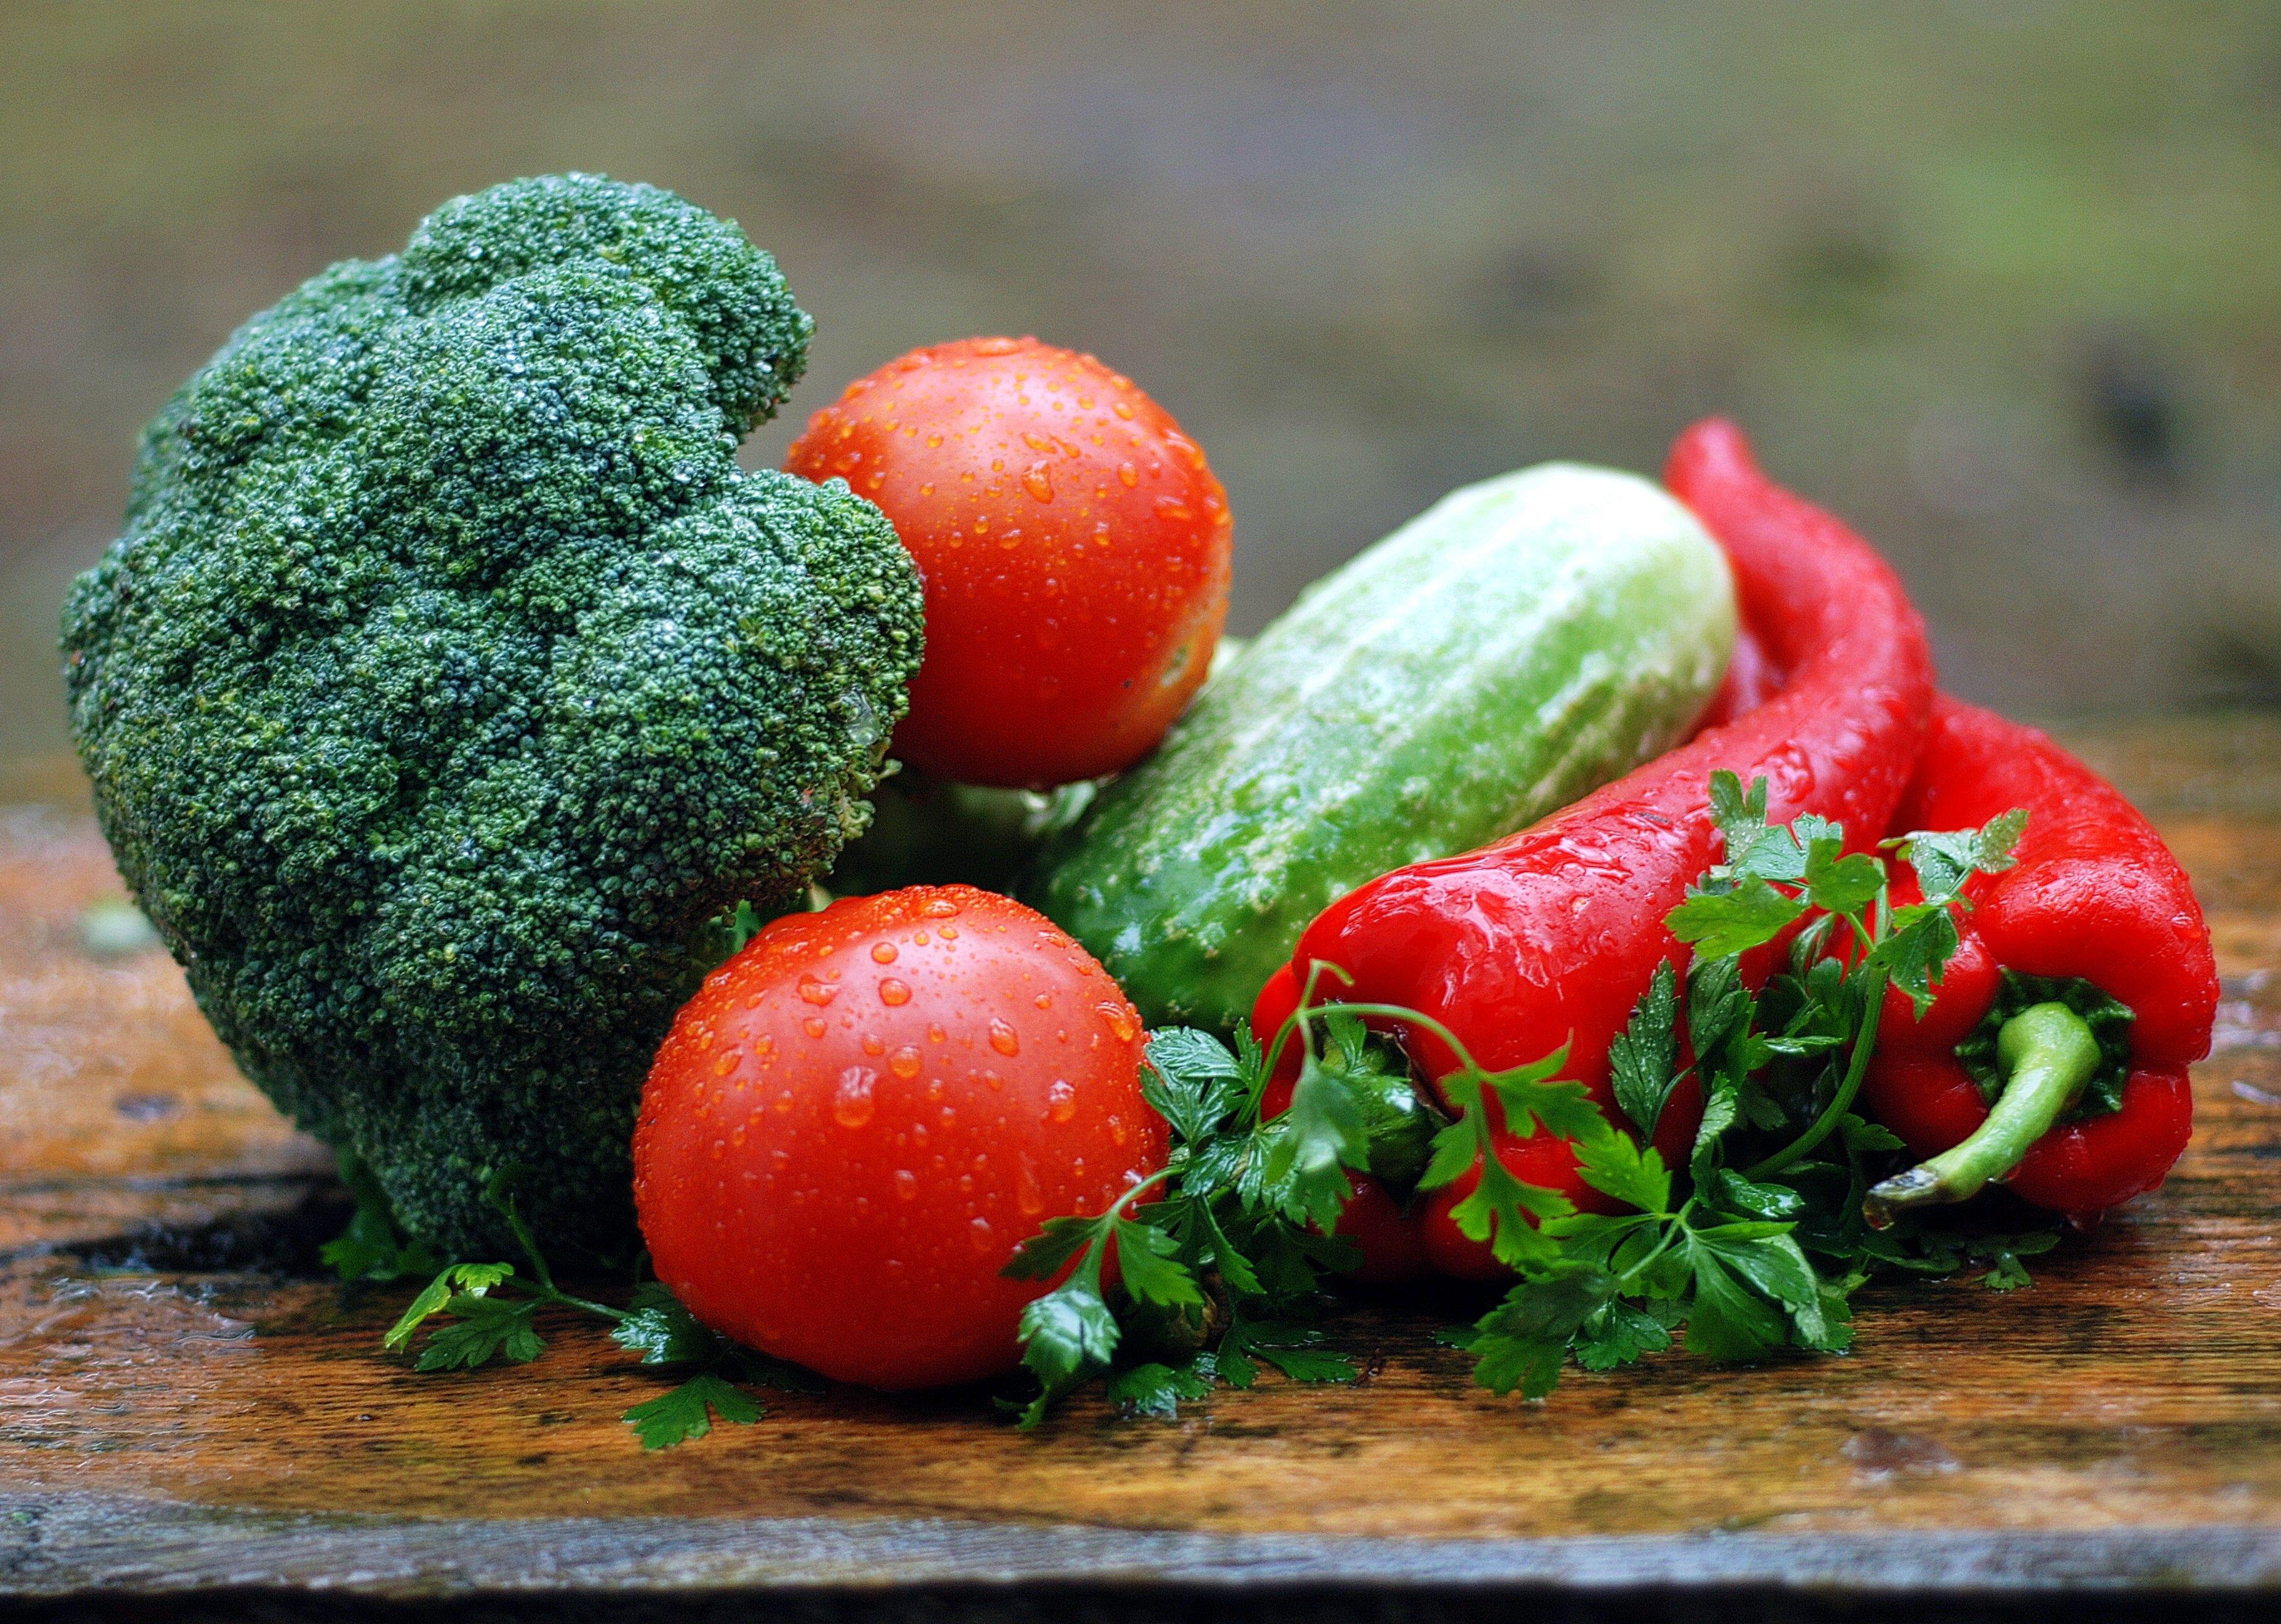 Confira 3 receitas vegetarianas para impressionar